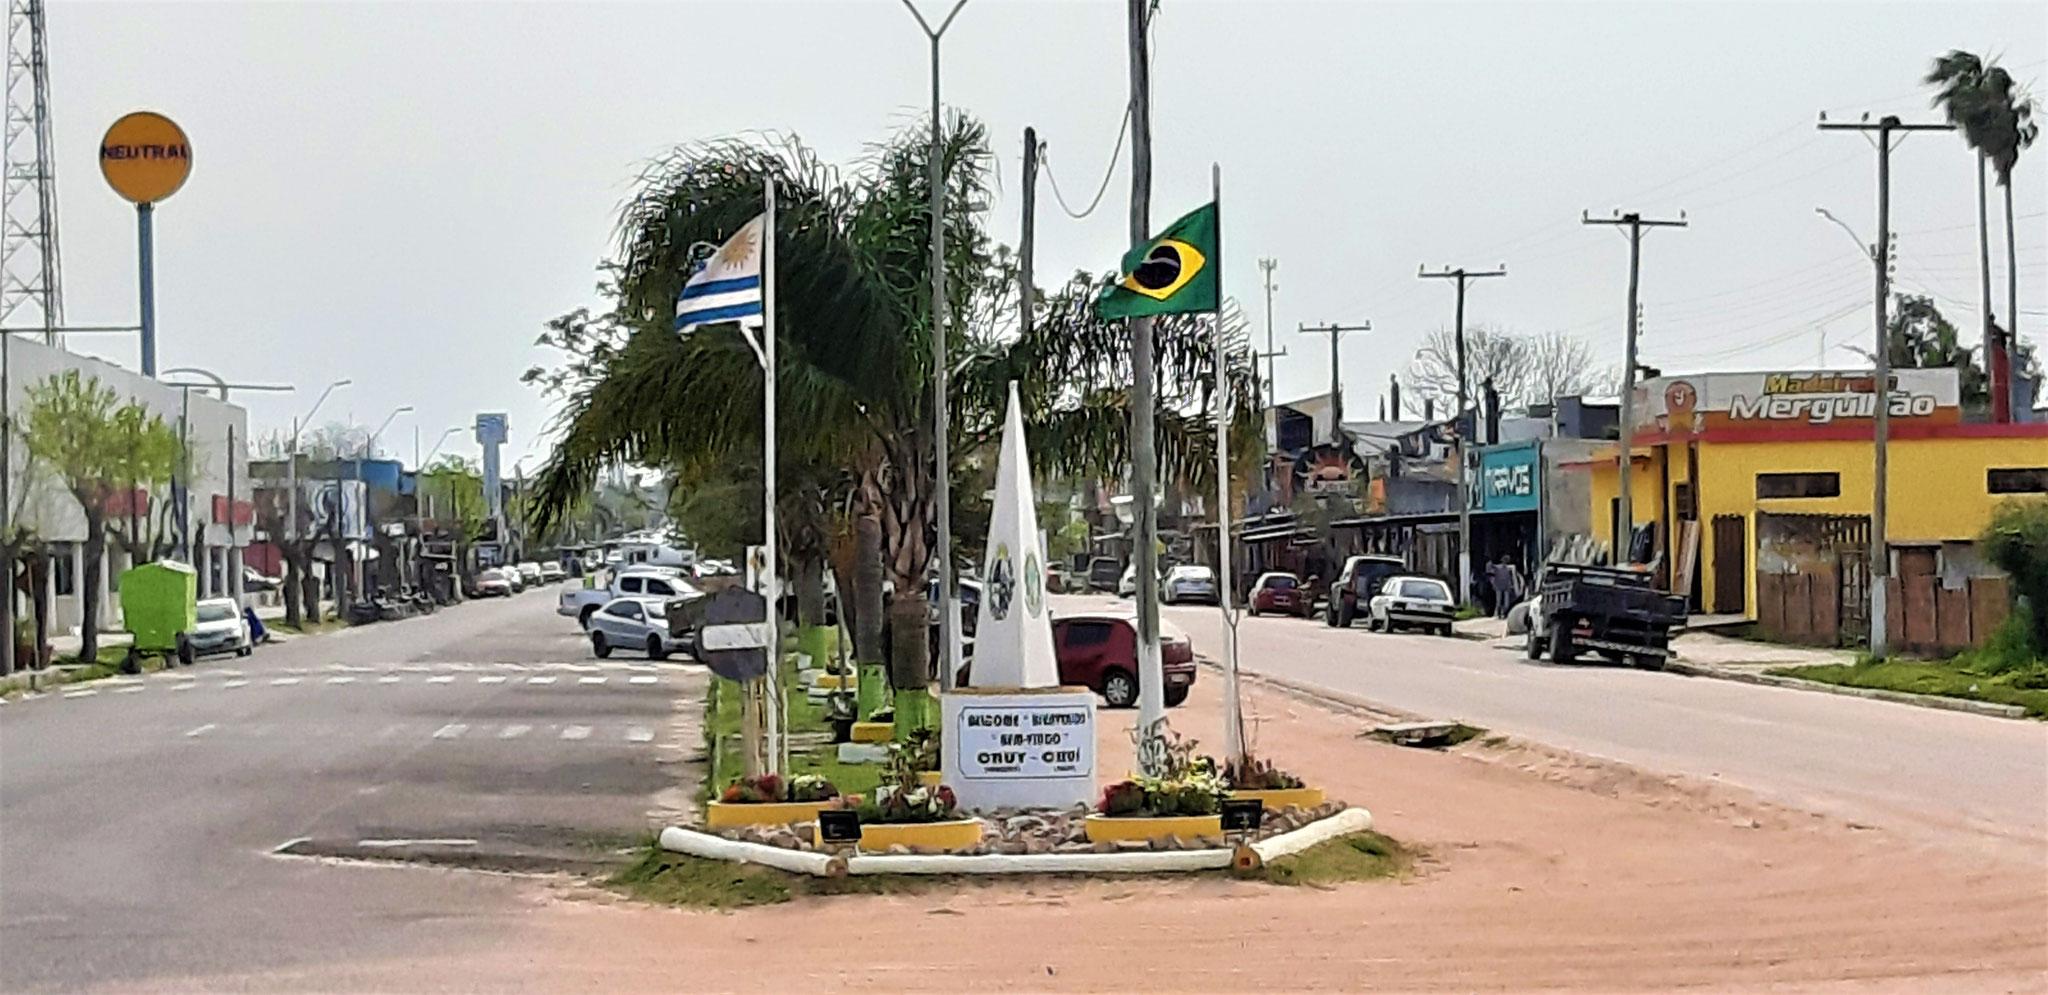 links Uruguay, rechts Brasilien